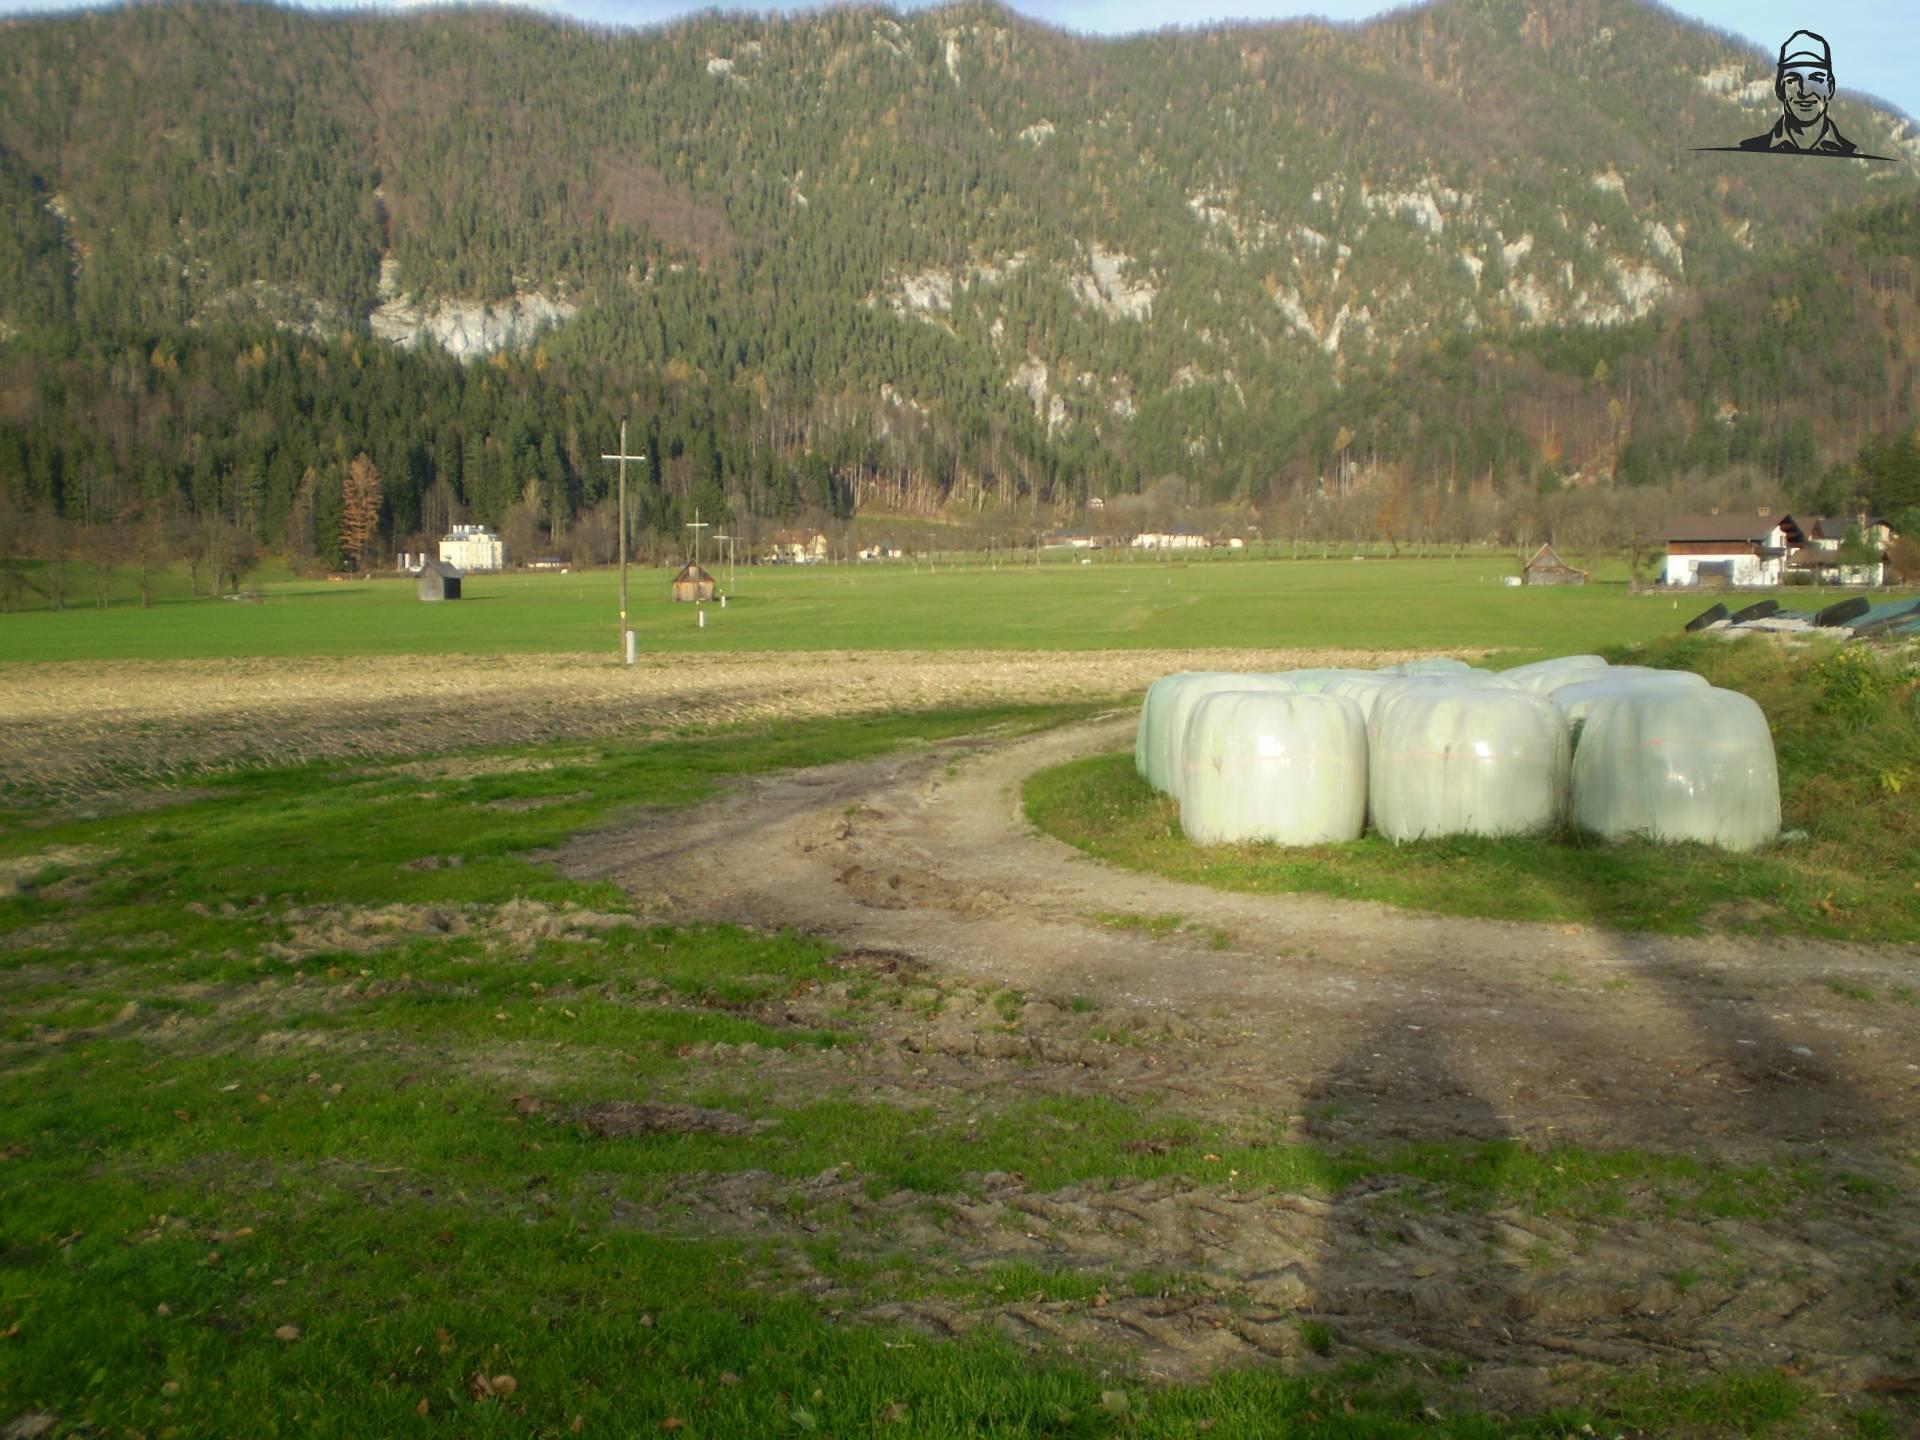 omgeving van de boerderij van japie82